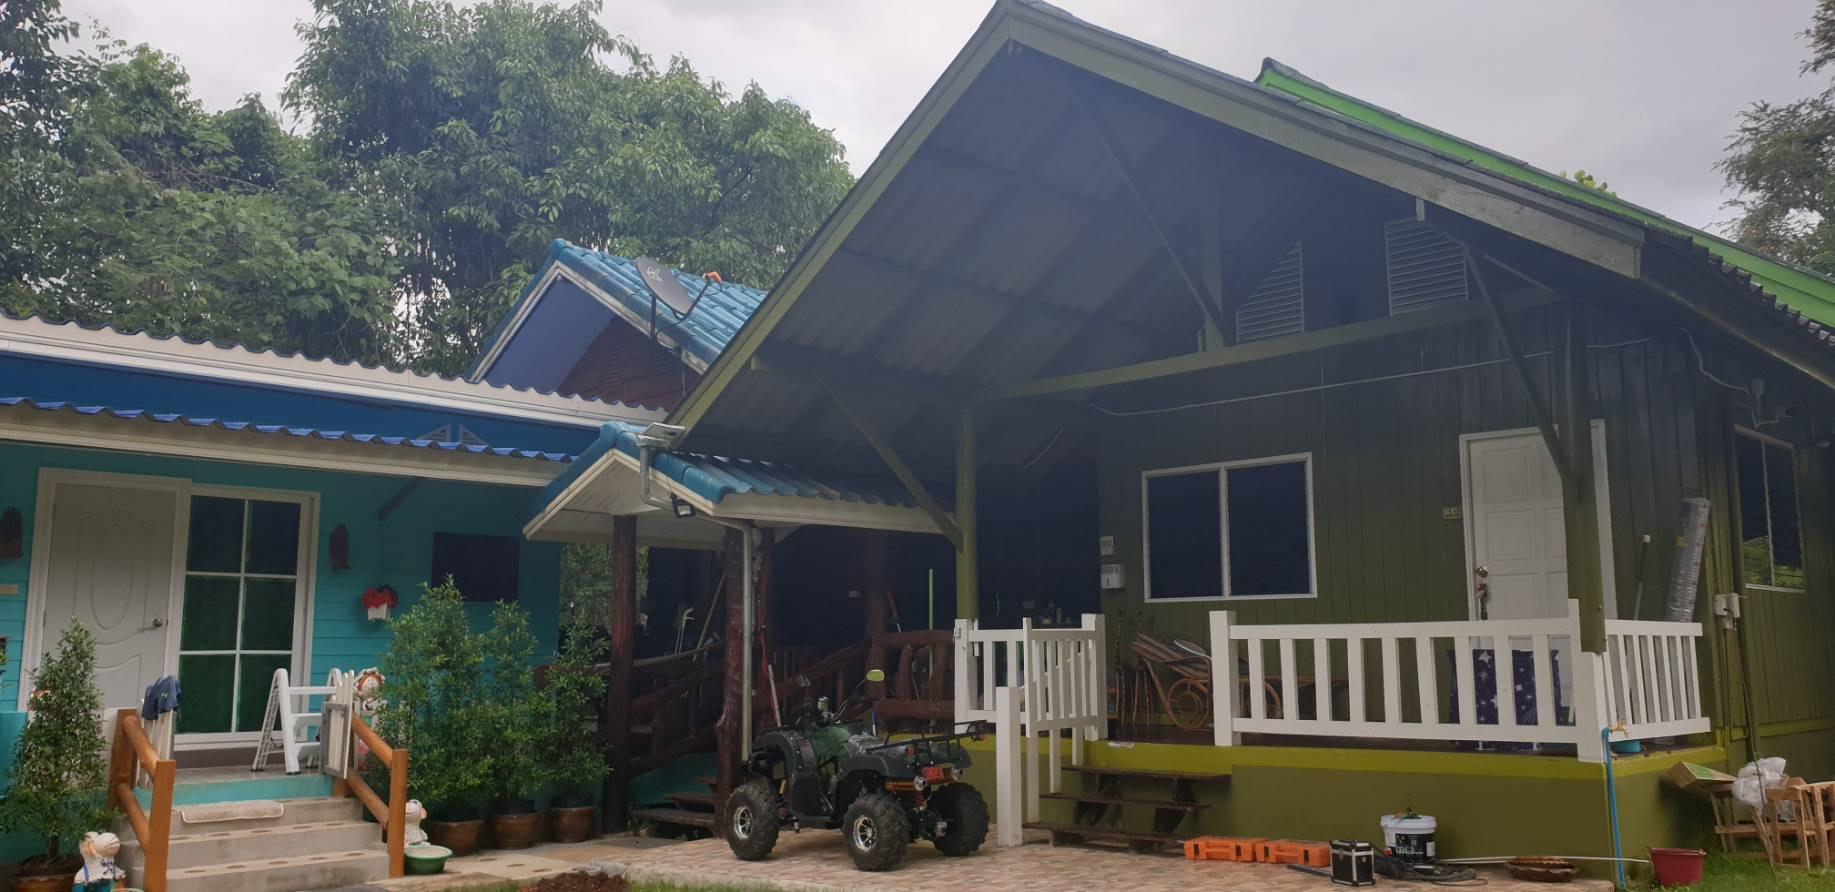 ภาพที่ดินพร้อมบ้านพักอาศัย 3 หลัง กาญจนบุรี